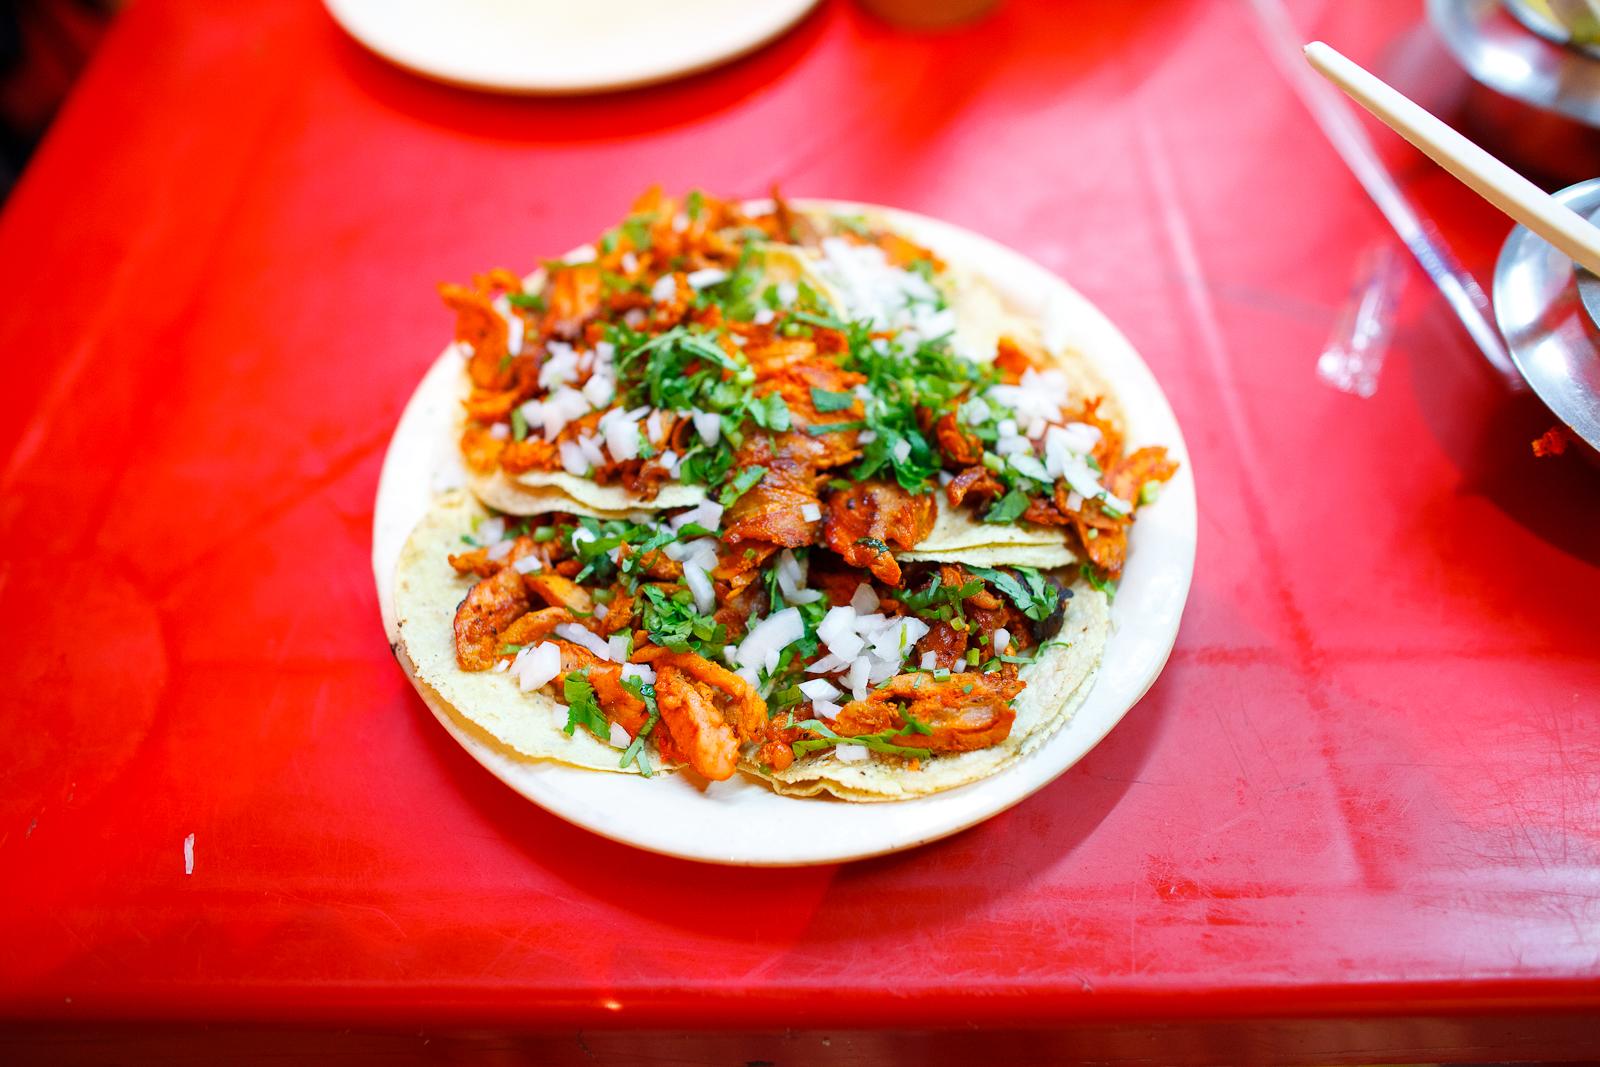 Orden de tacos al pastor (5 tacos al pastor) (35 MXP)